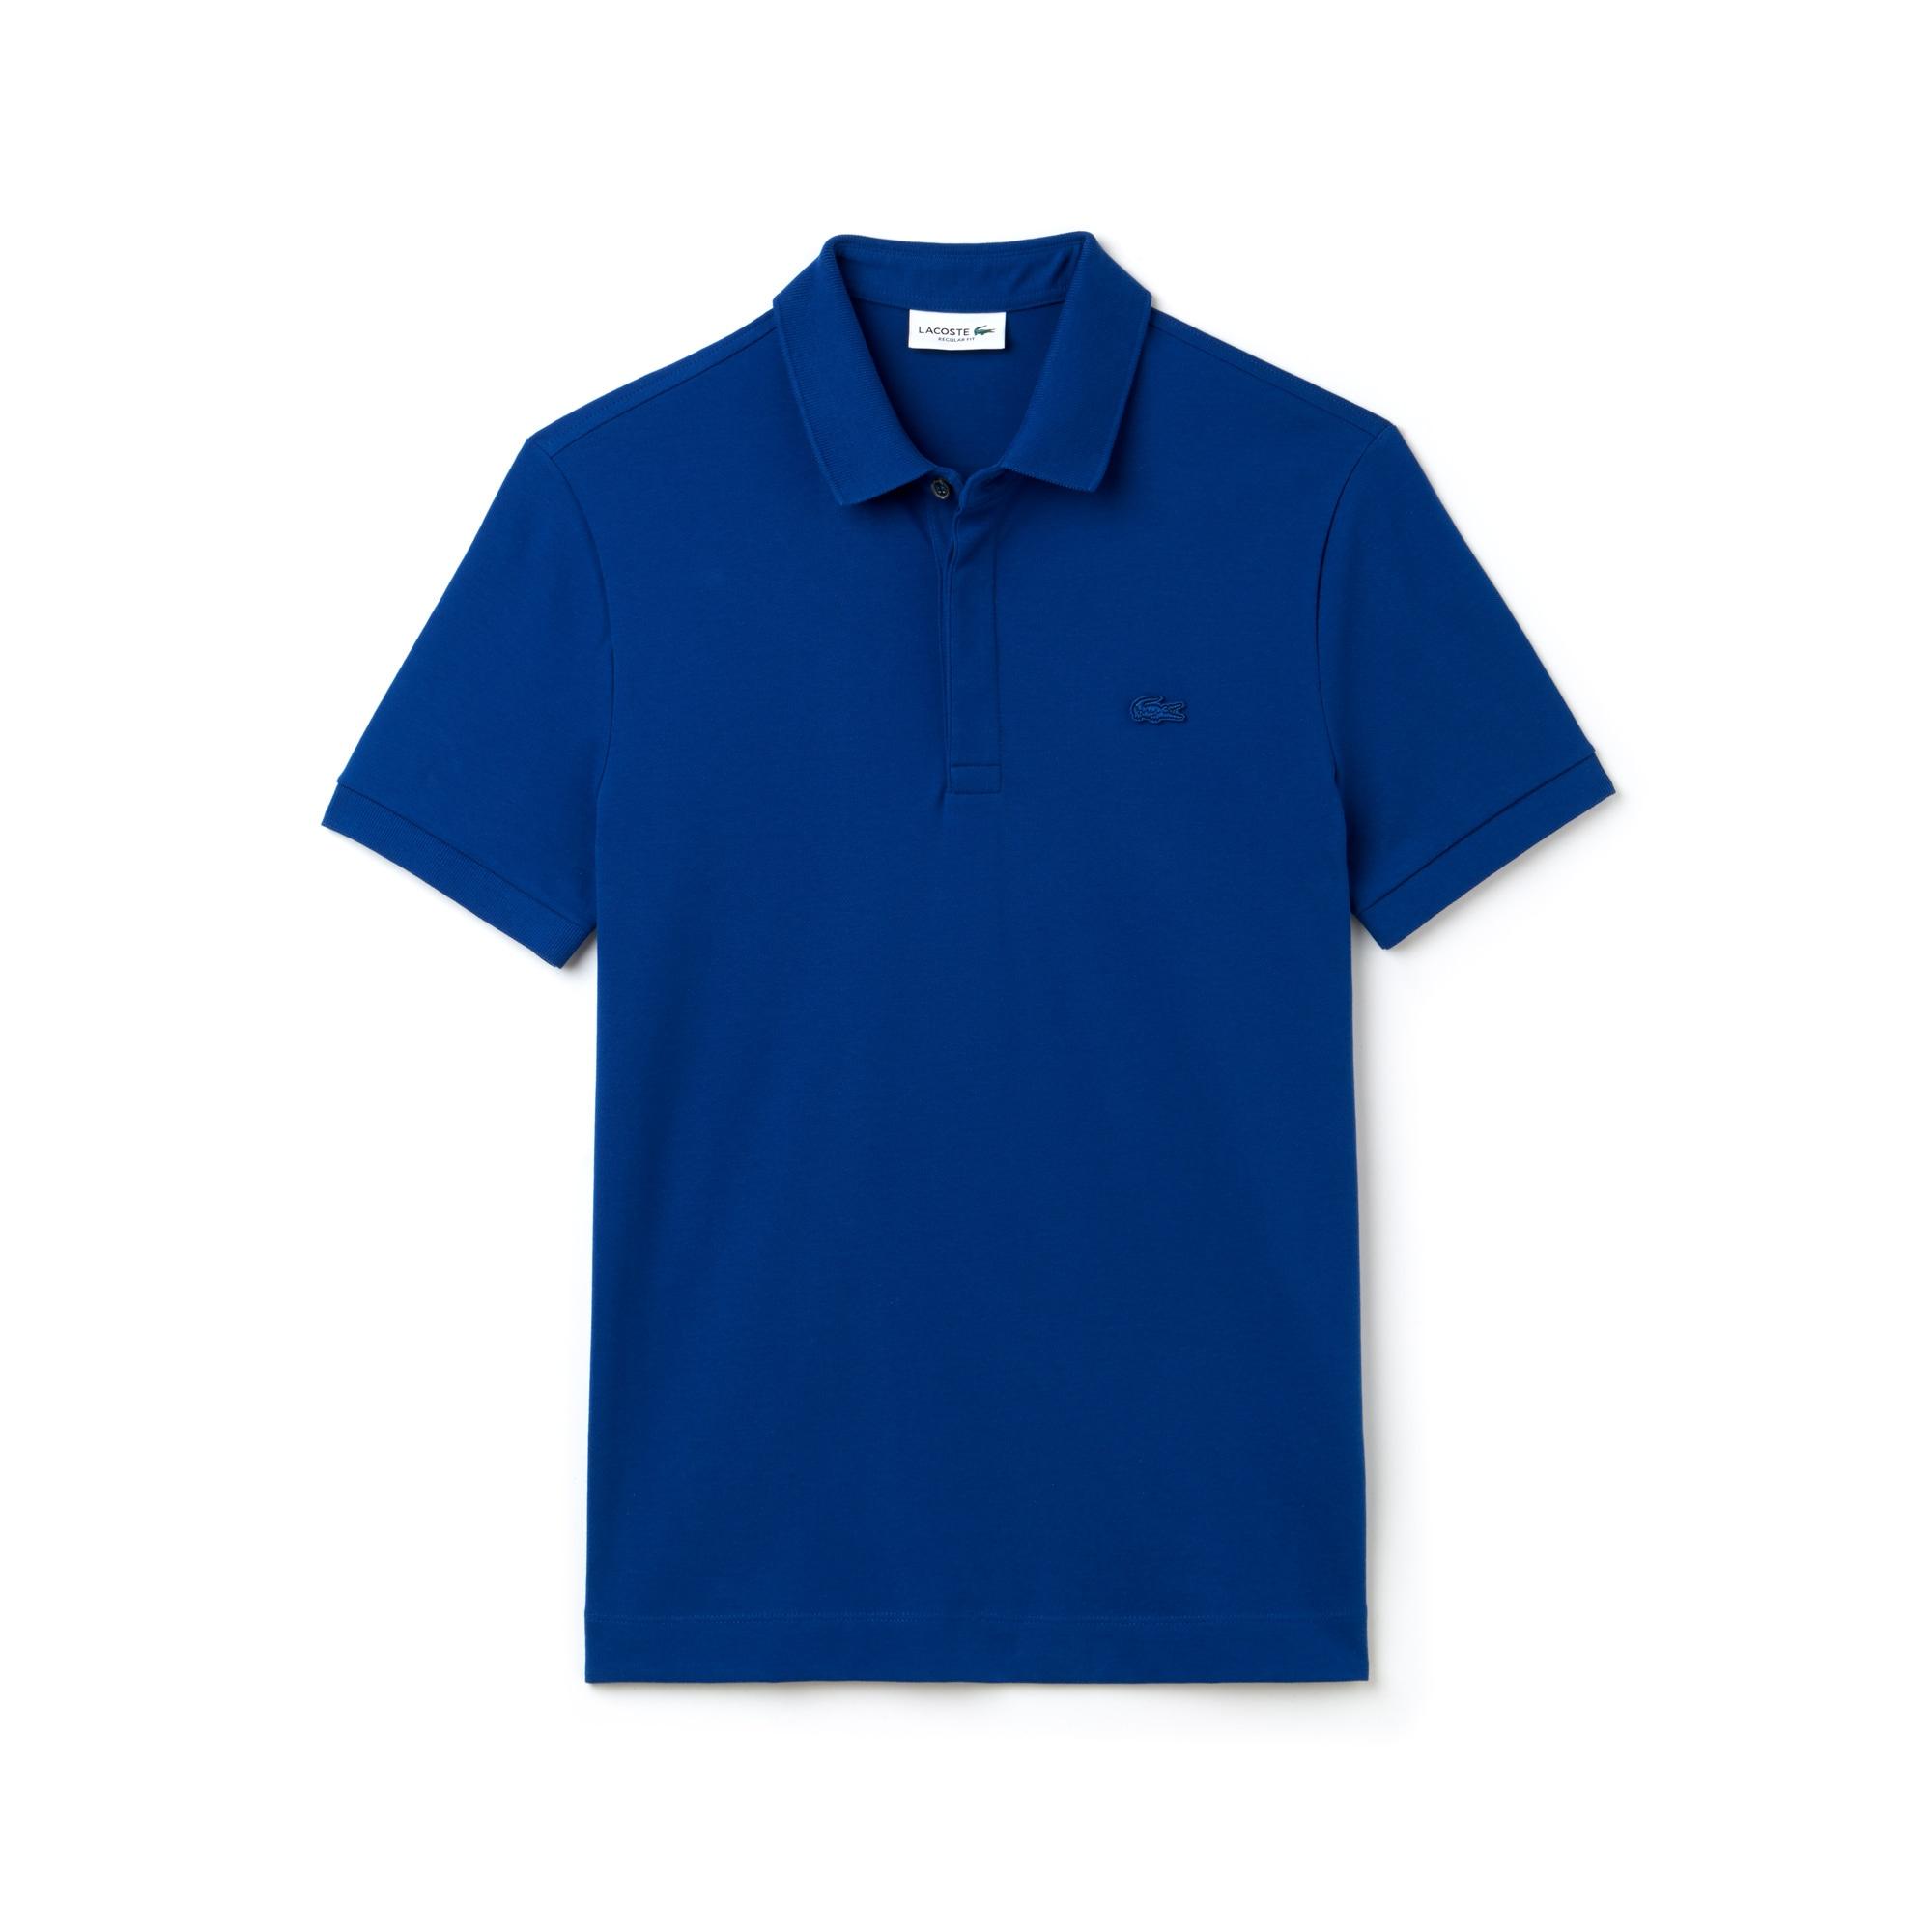 Men's Paris Edition Regular Fit Stretch Piqué Polo